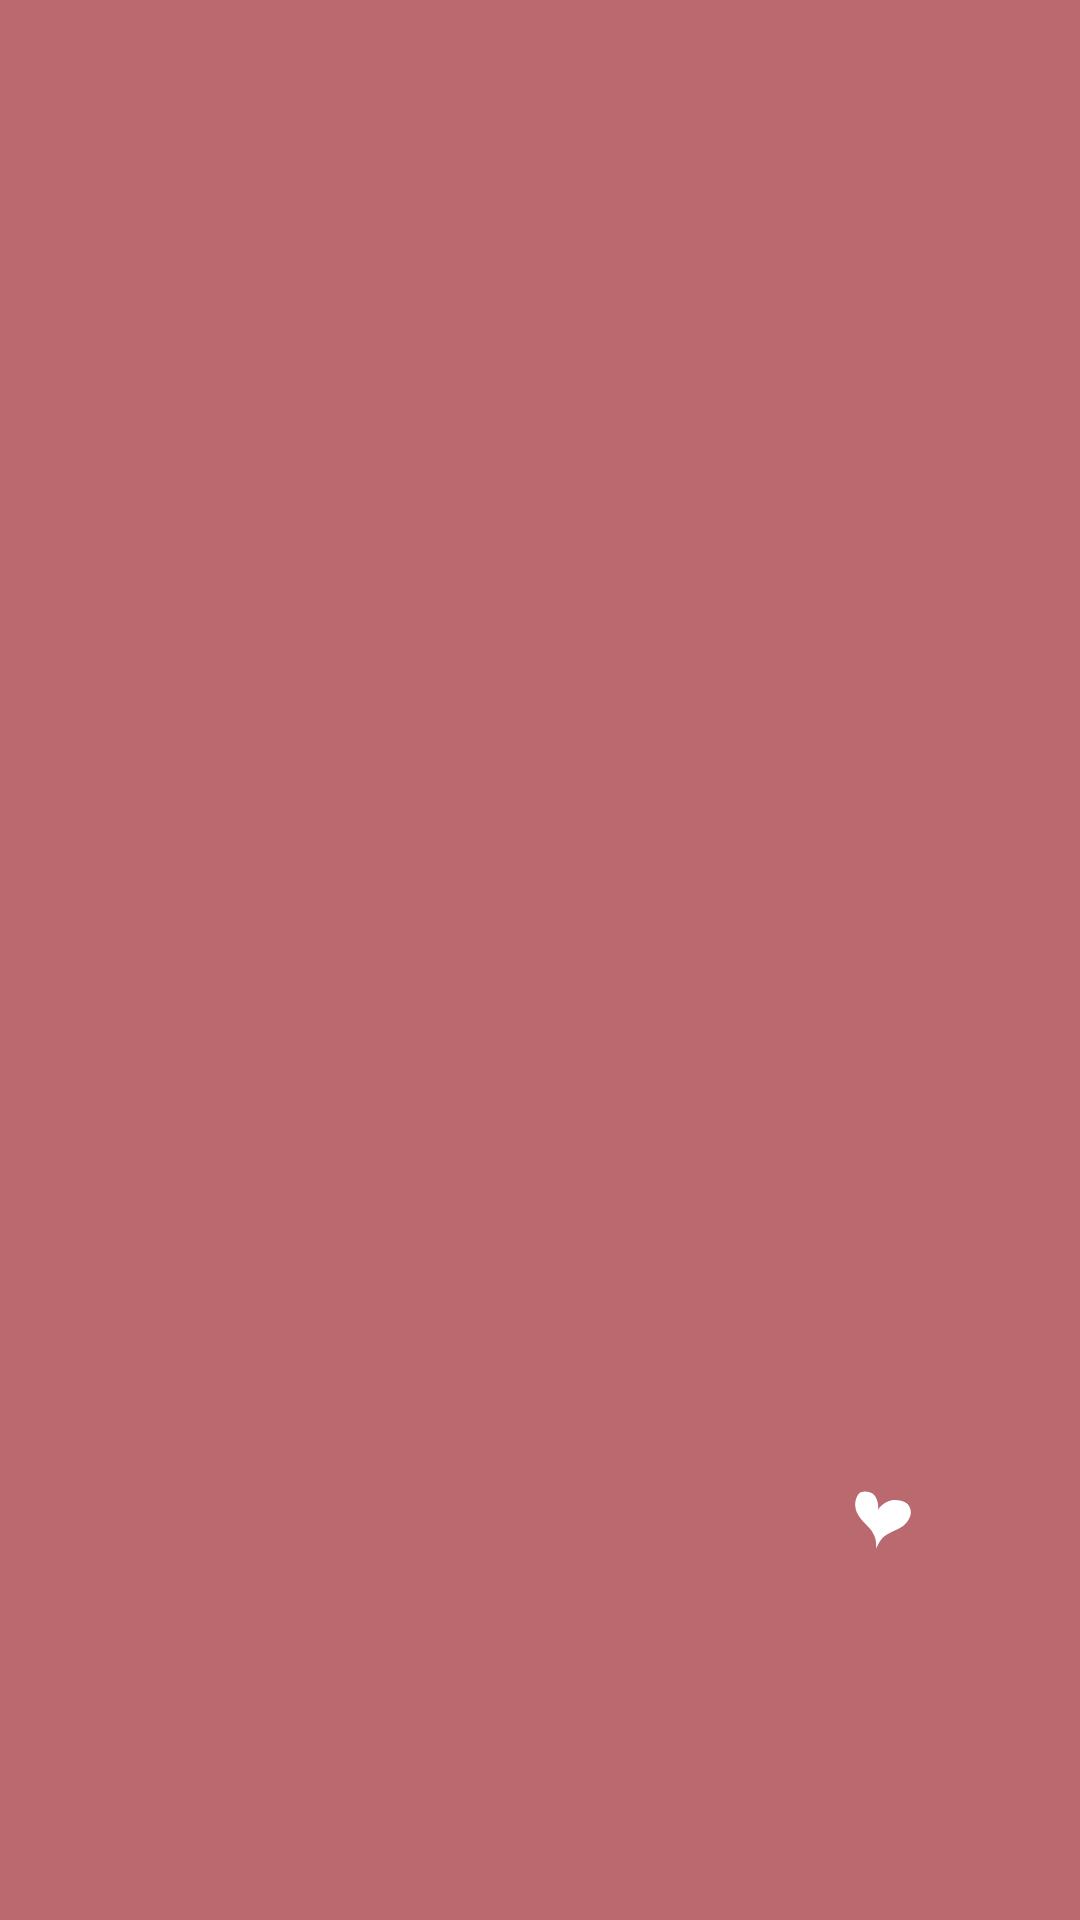 Minimalista Sfondi Di Patricia Amigleo Color Wallpaper Iphone Minimalist Wallpaper Plain Wallpaper Iphone